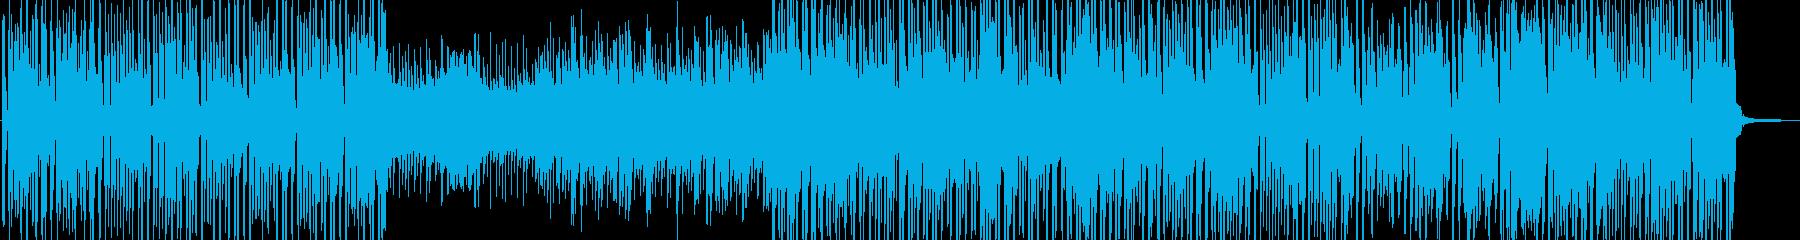 ライトジャズインストゥルメンタル。...の再生済みの波形